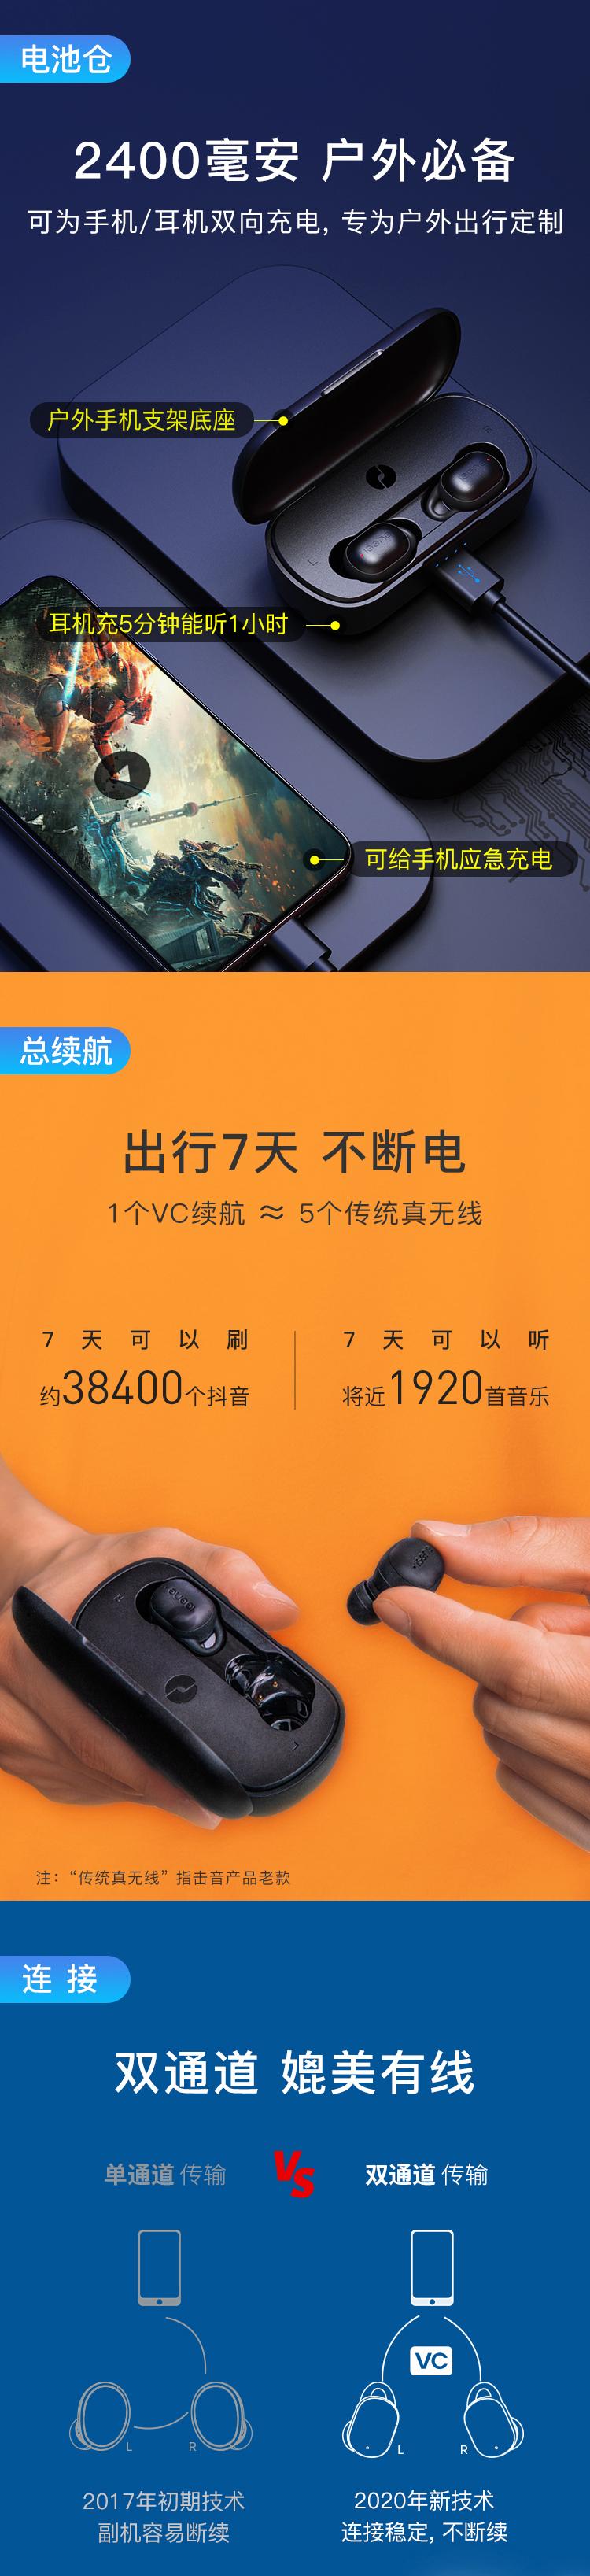 【轻众测】击音VC无线蓝牙耳机免费试用,评测